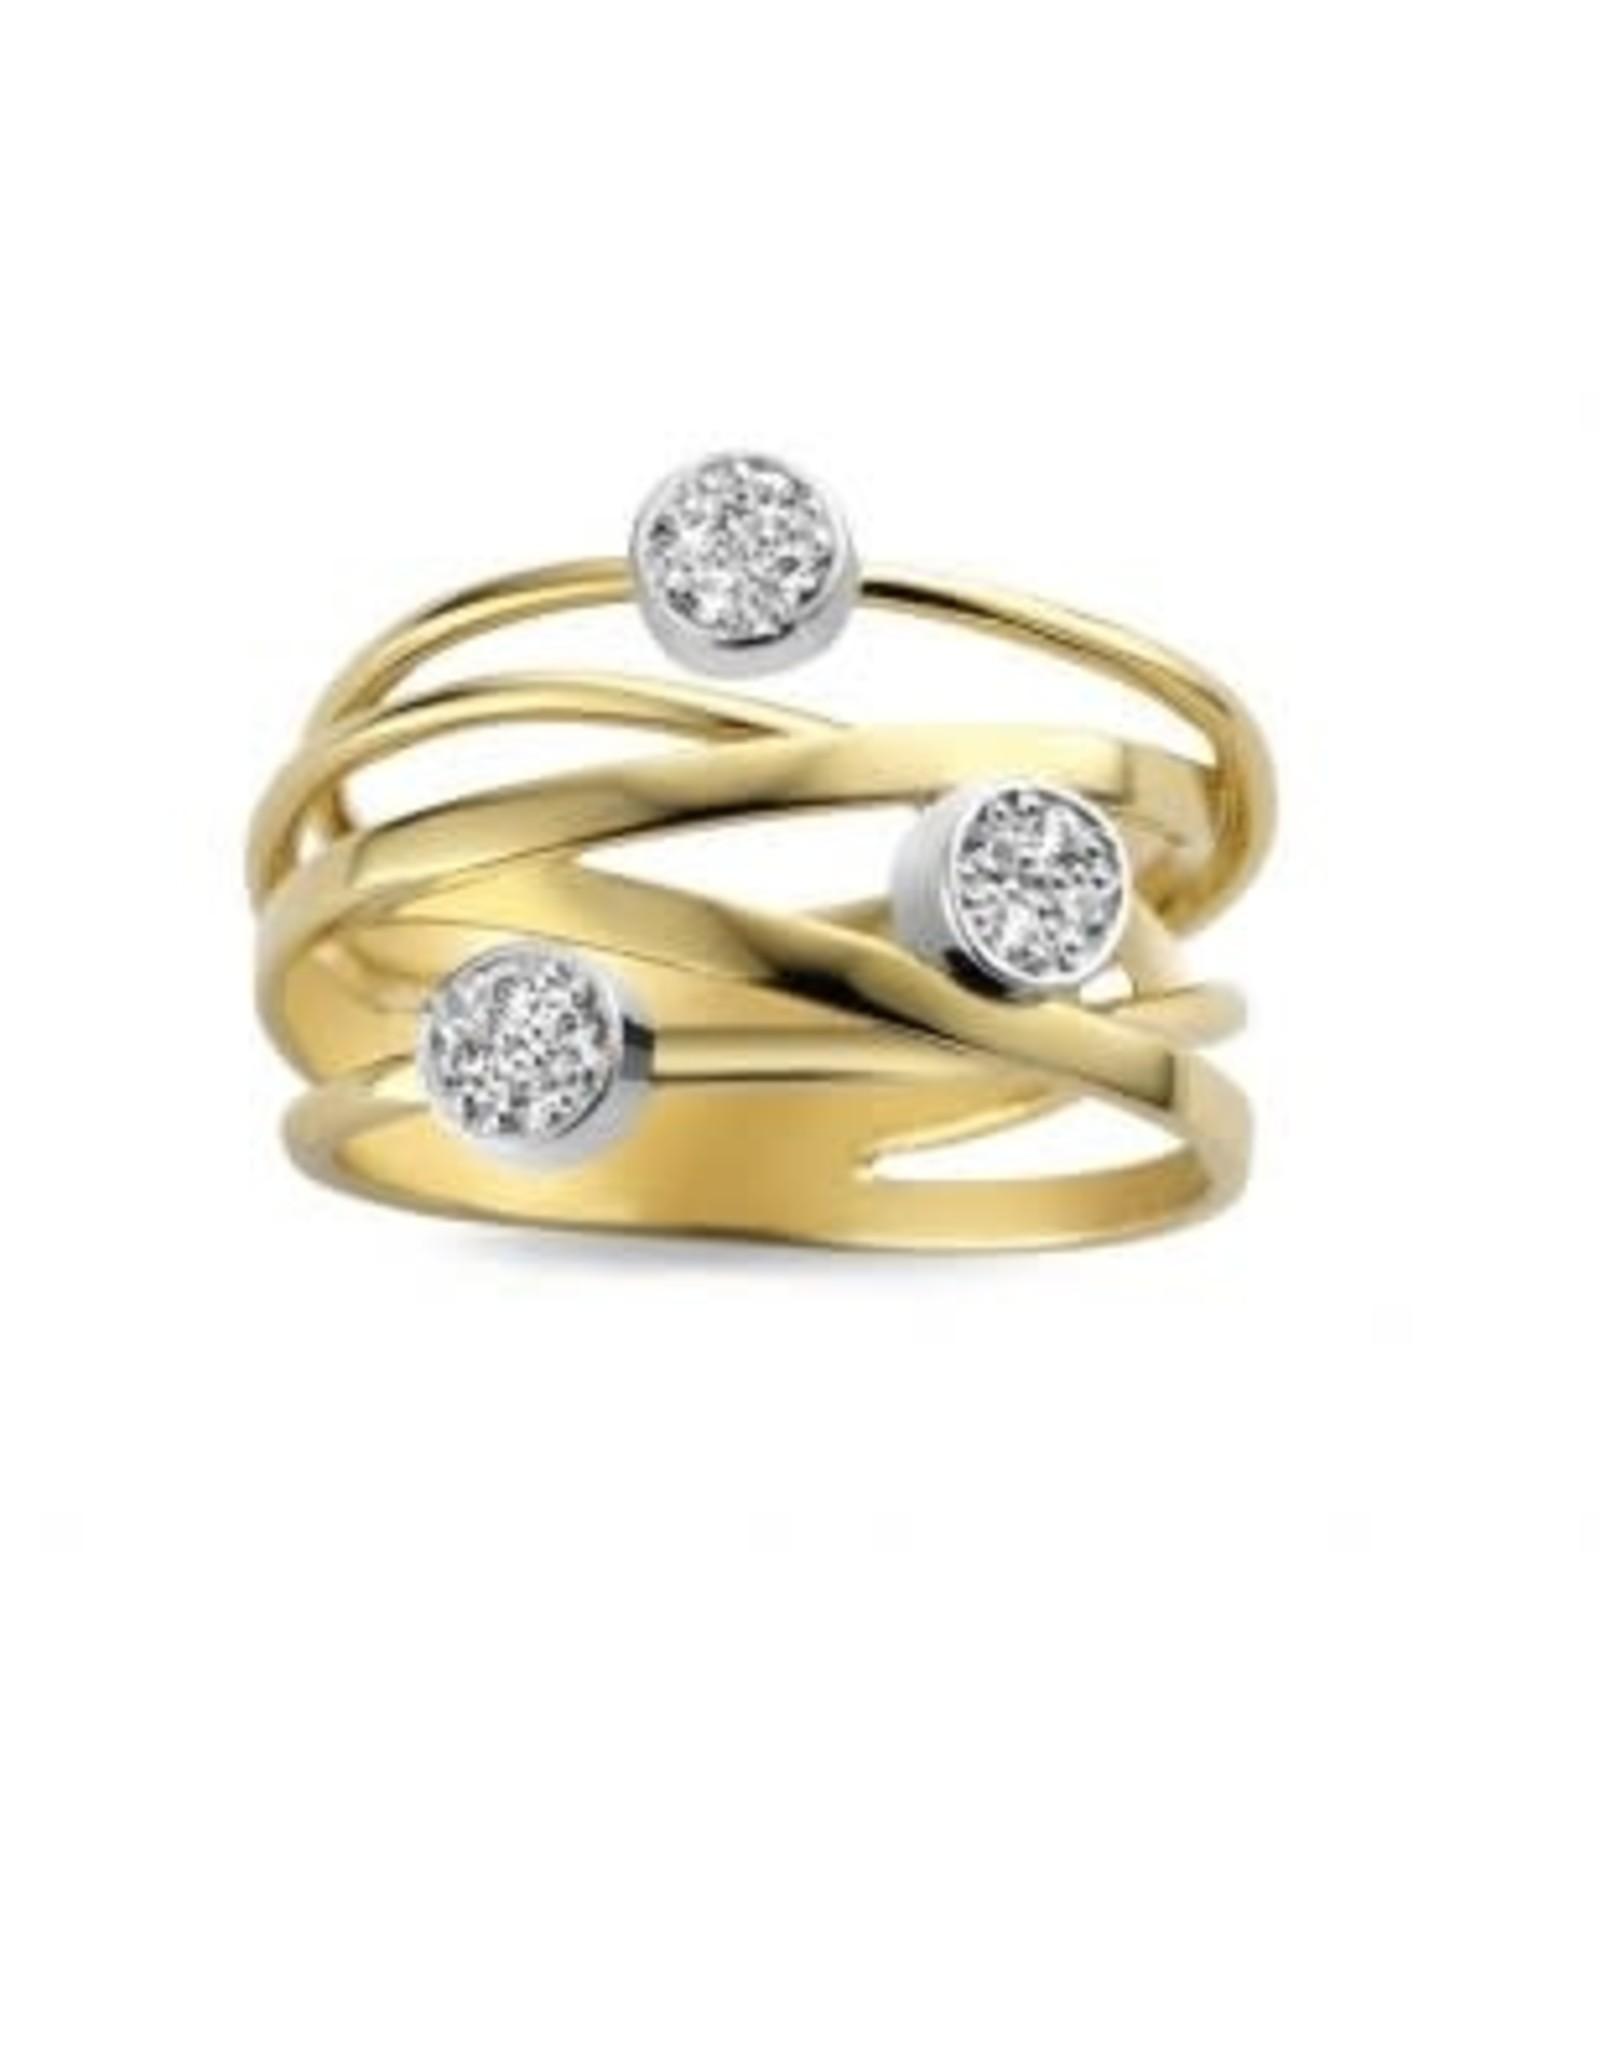 Ring Bicolor Geel/Wit Goud 18kt SR3200BB maat 57